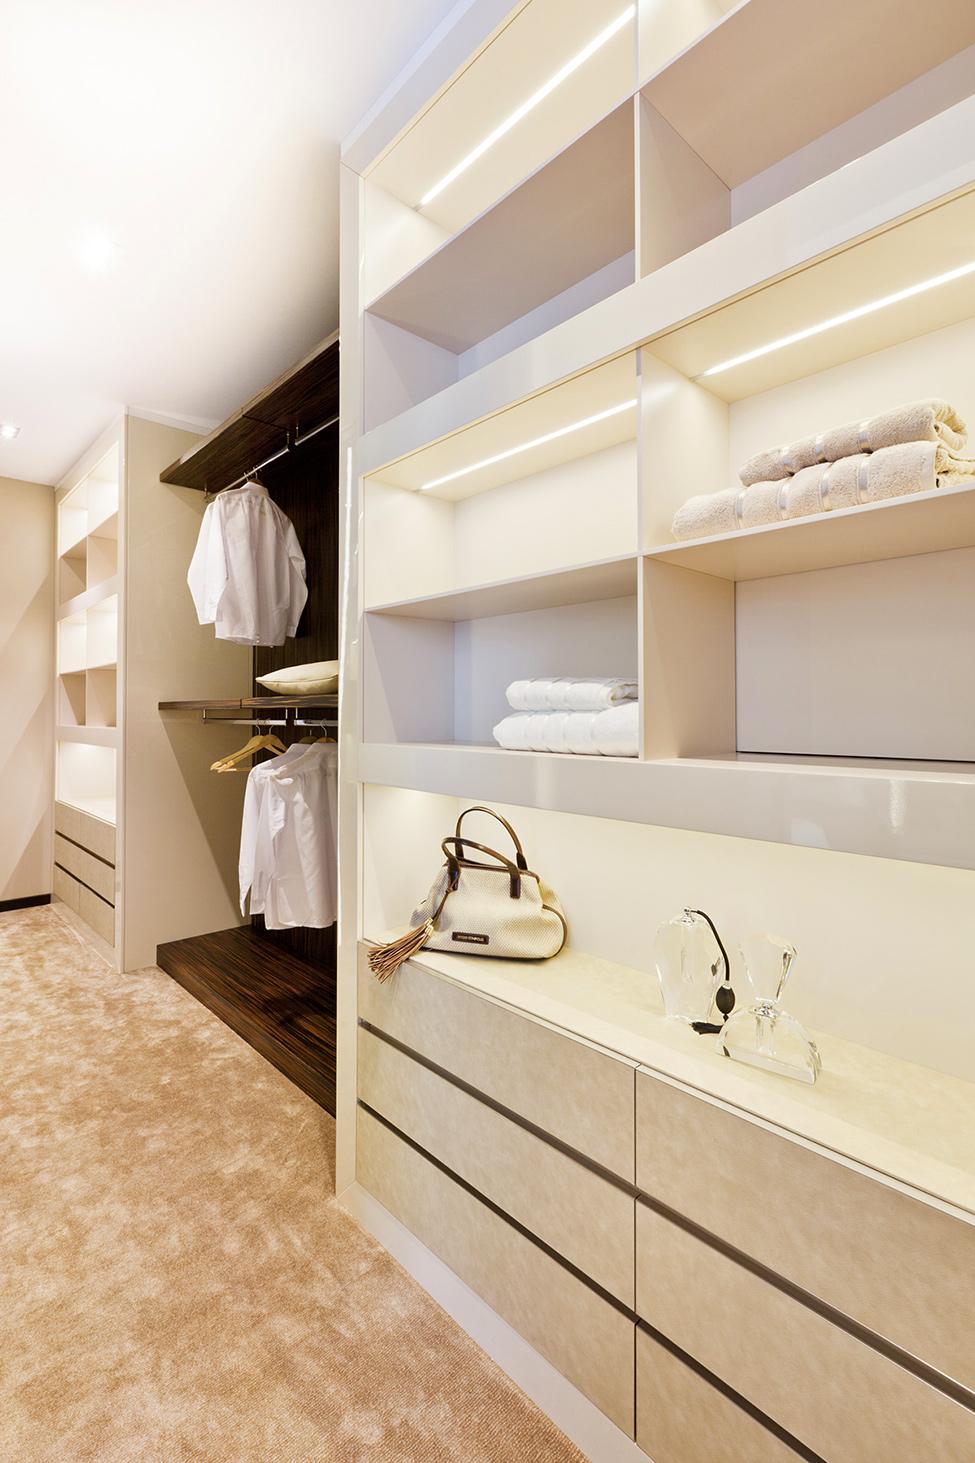 luksozen-apartament-s-ekstravaganten-interior-v-rusiq-9g